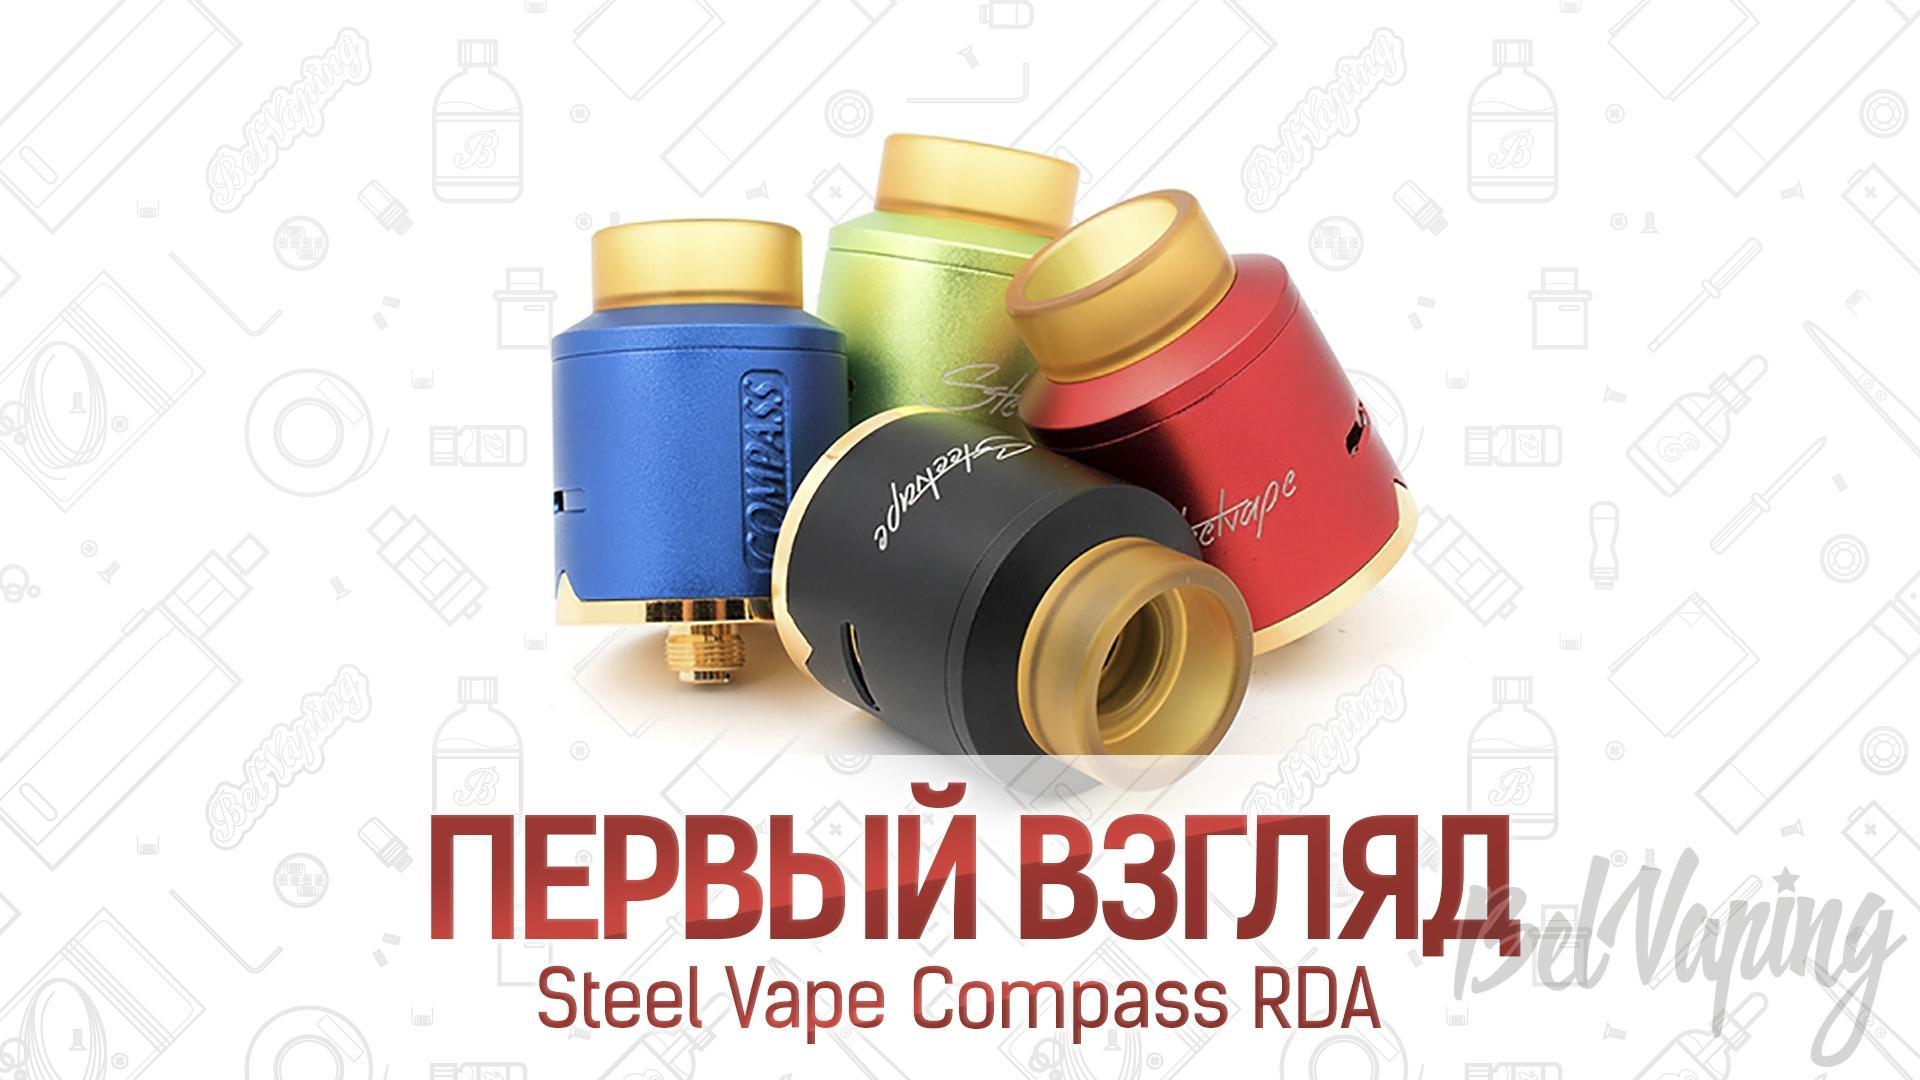 Steel Vape Compass RDA. Первый взгляд